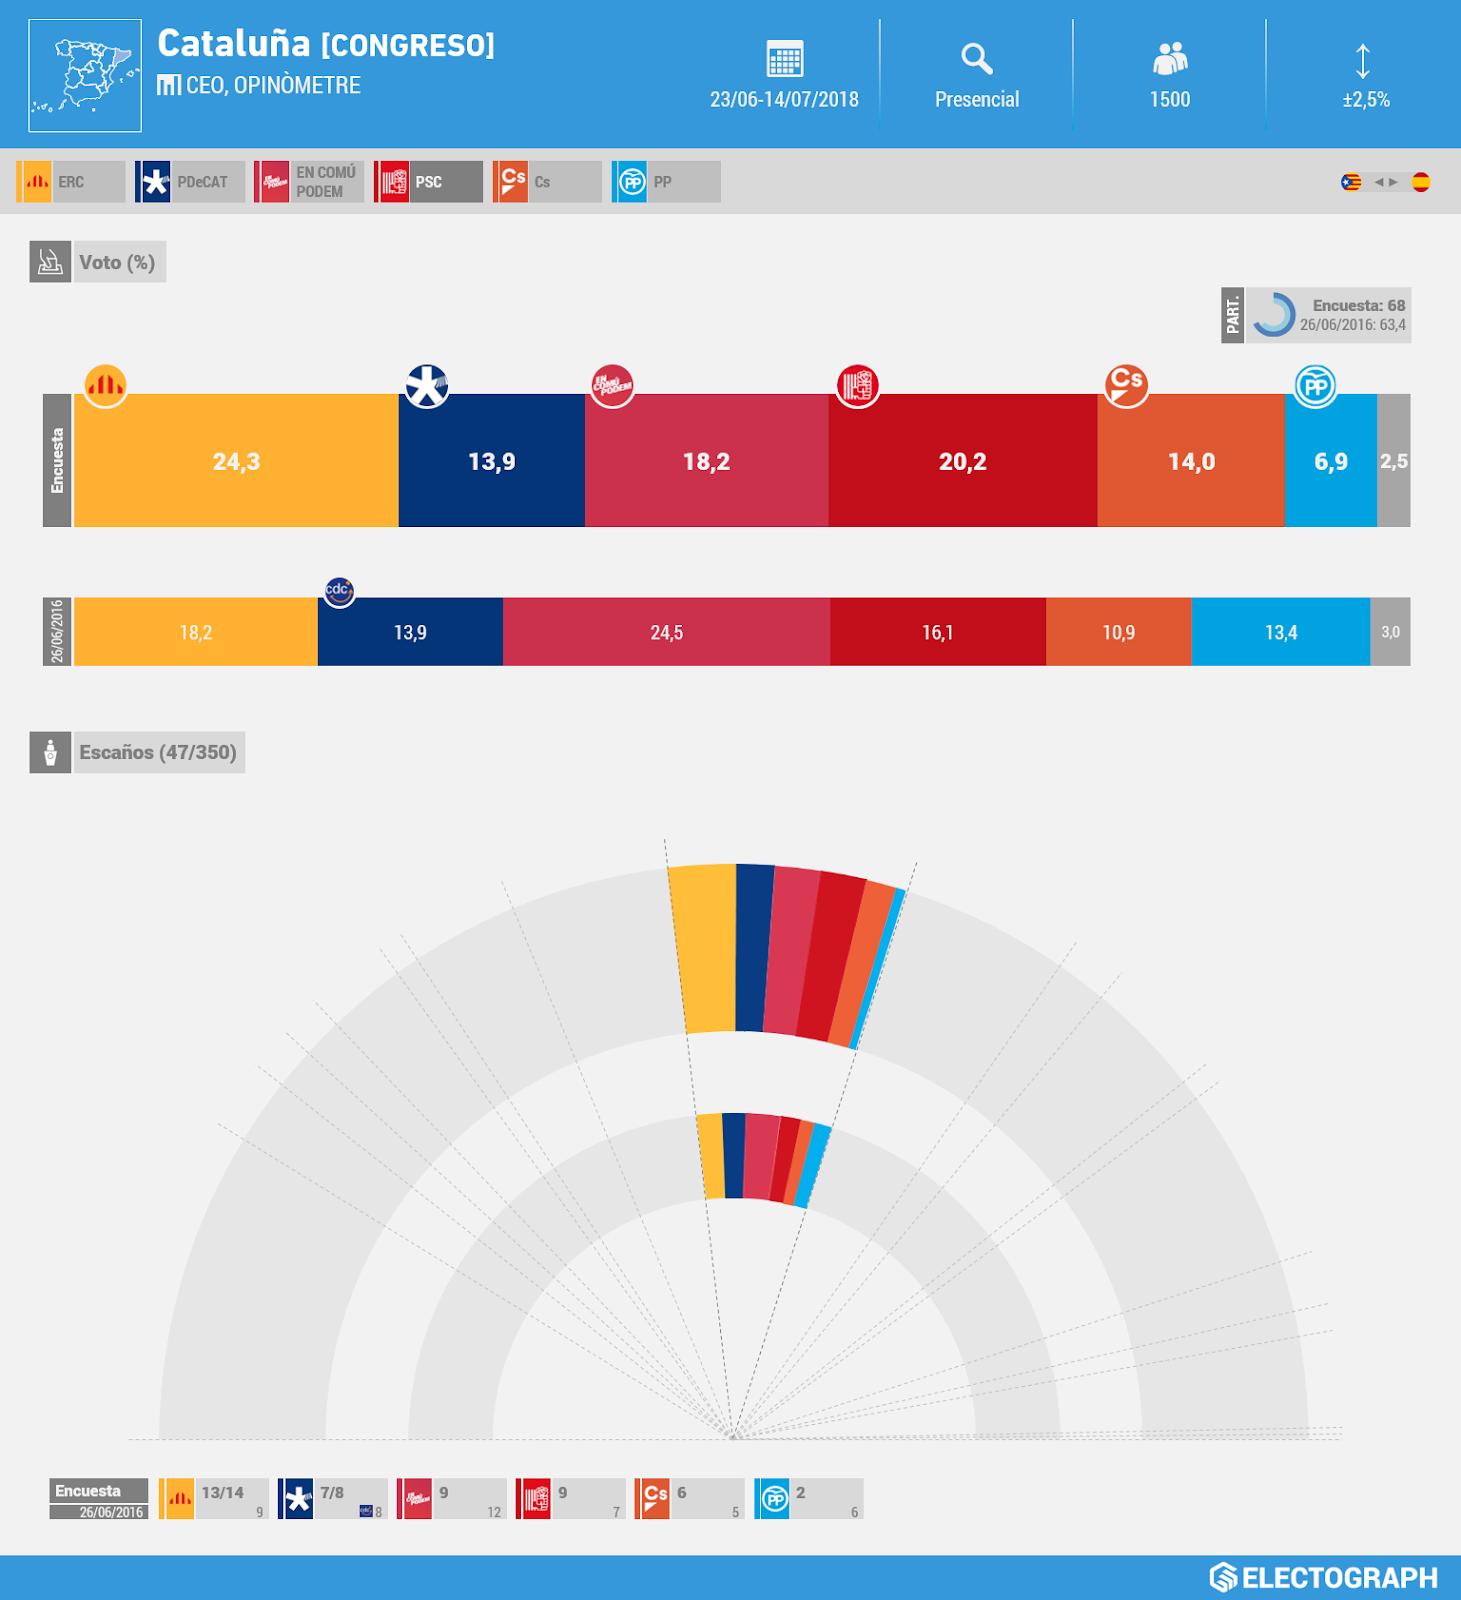 Gráfico de la encuesta para elecciones generales en Cataluña realizada por el CEO y Opinòmetre en julio de 2018